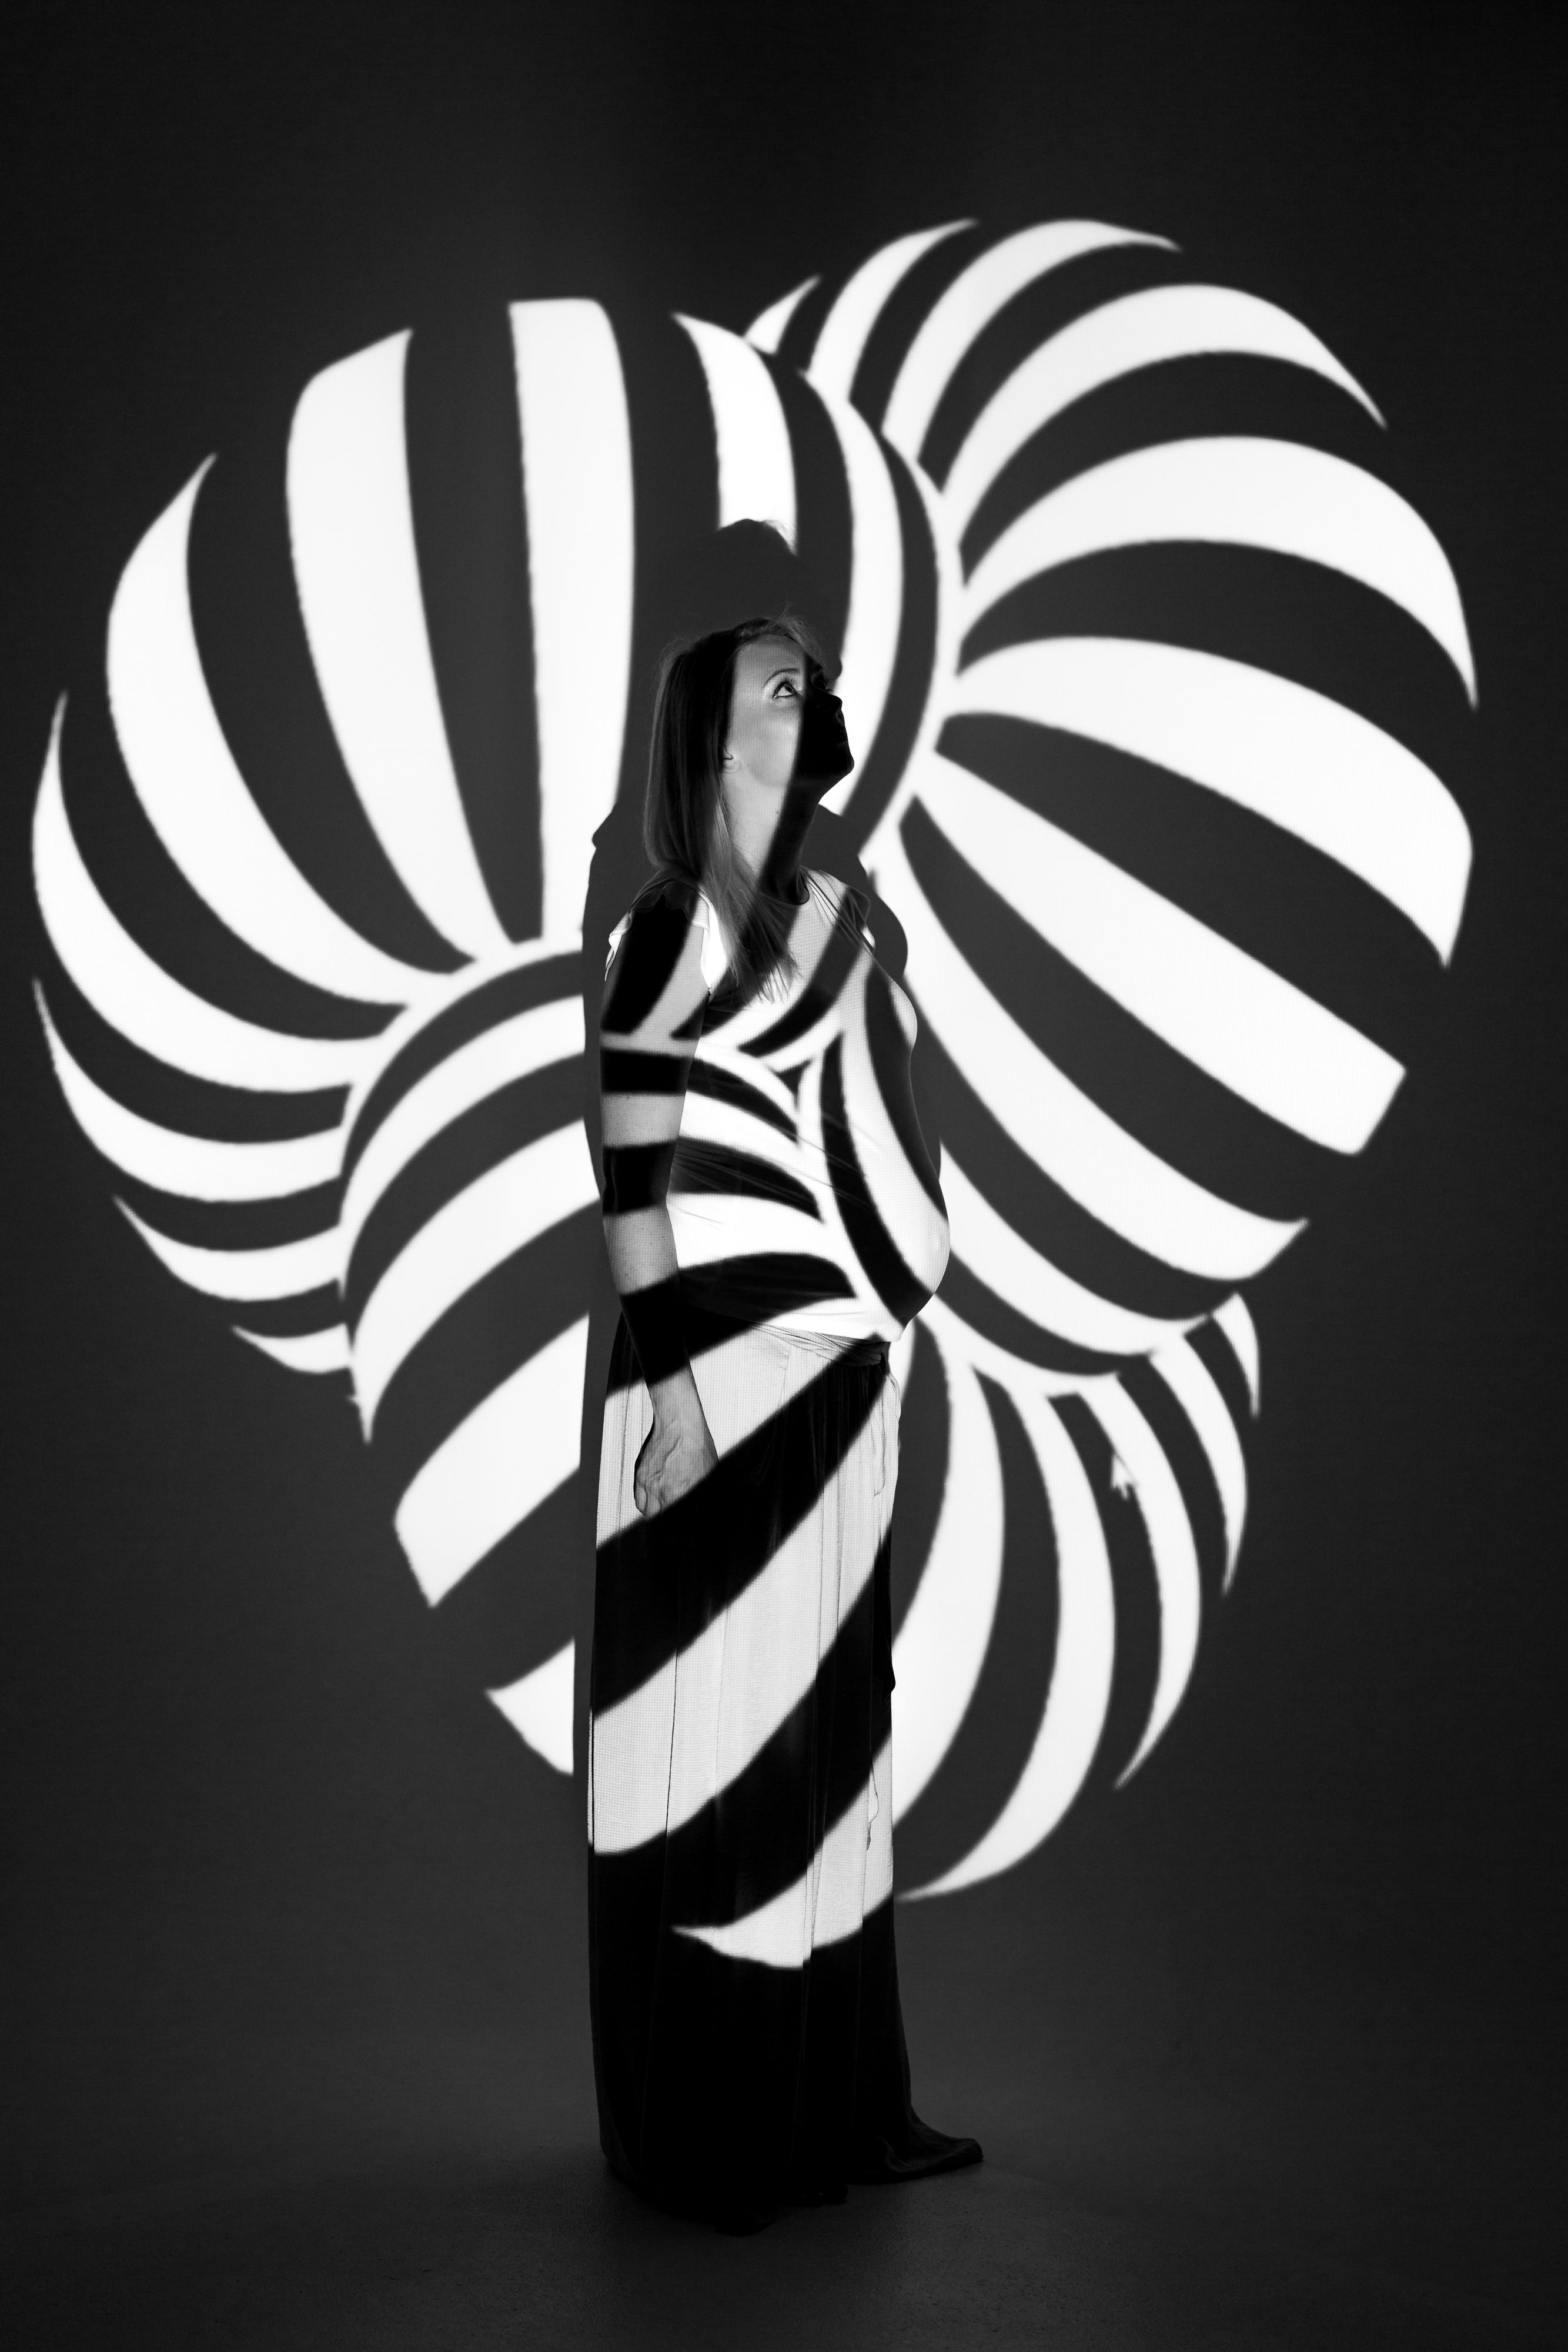 mustvalge valguse-varjudega portree lapseootusest